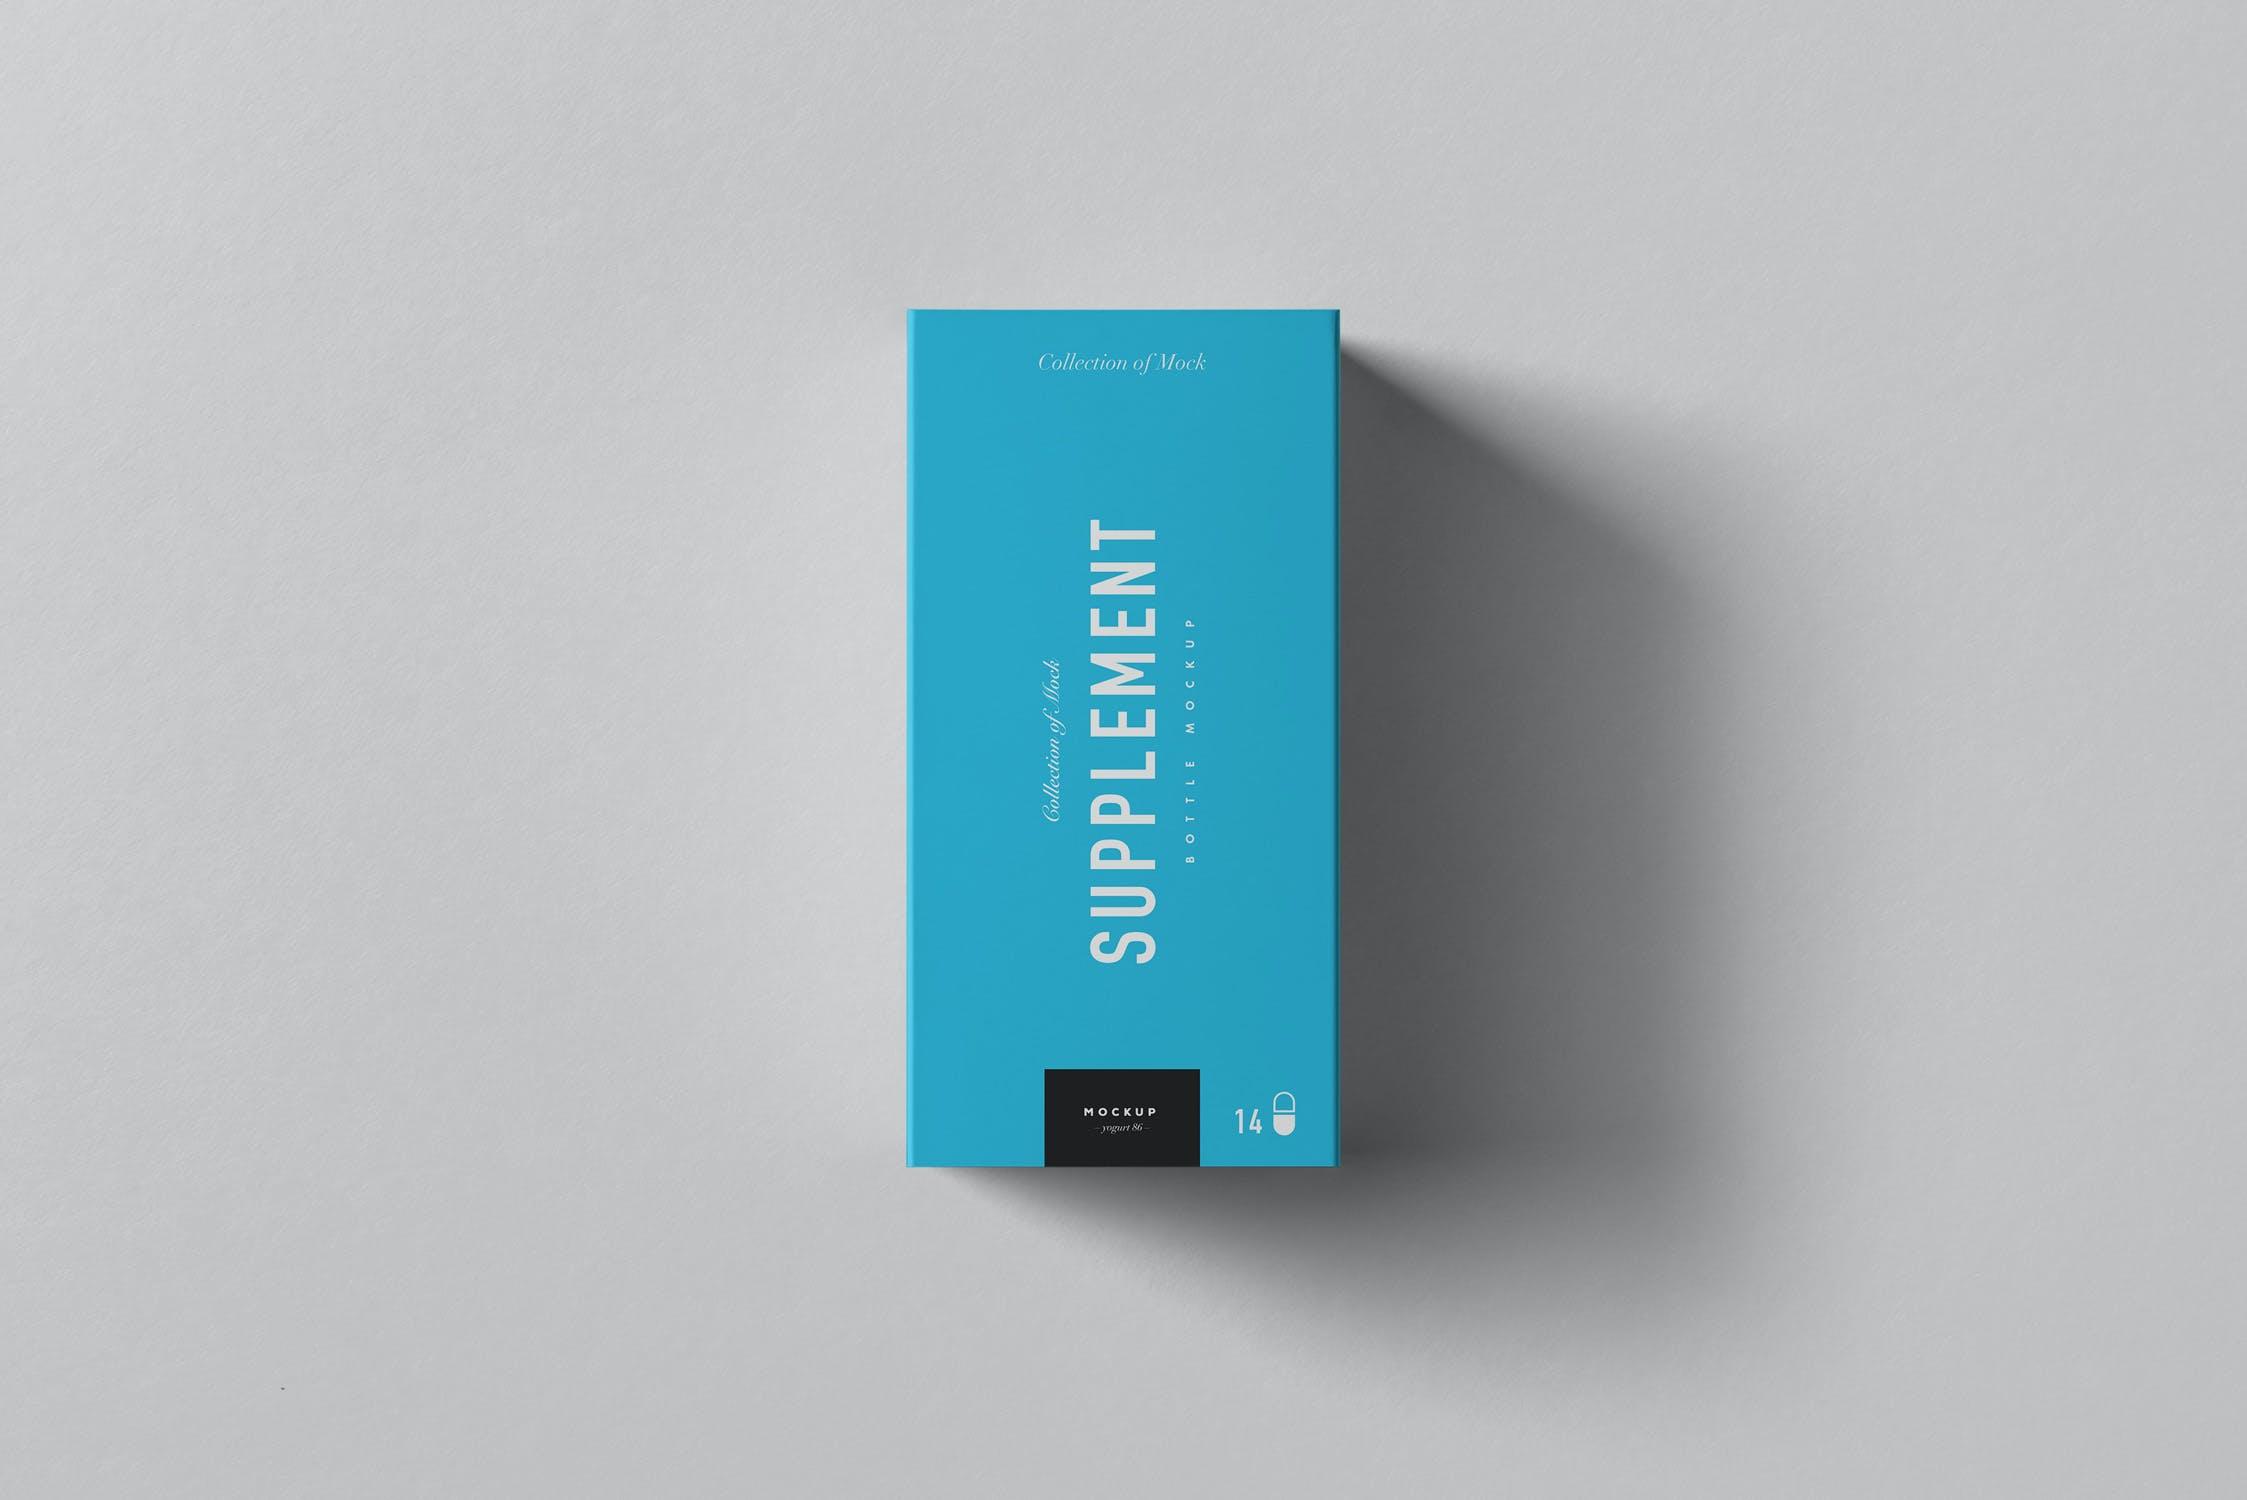 9款药物补充塑料瓶包装盒设计展示样机模板 Supplement Jar & Box Mockup 9插图(9)